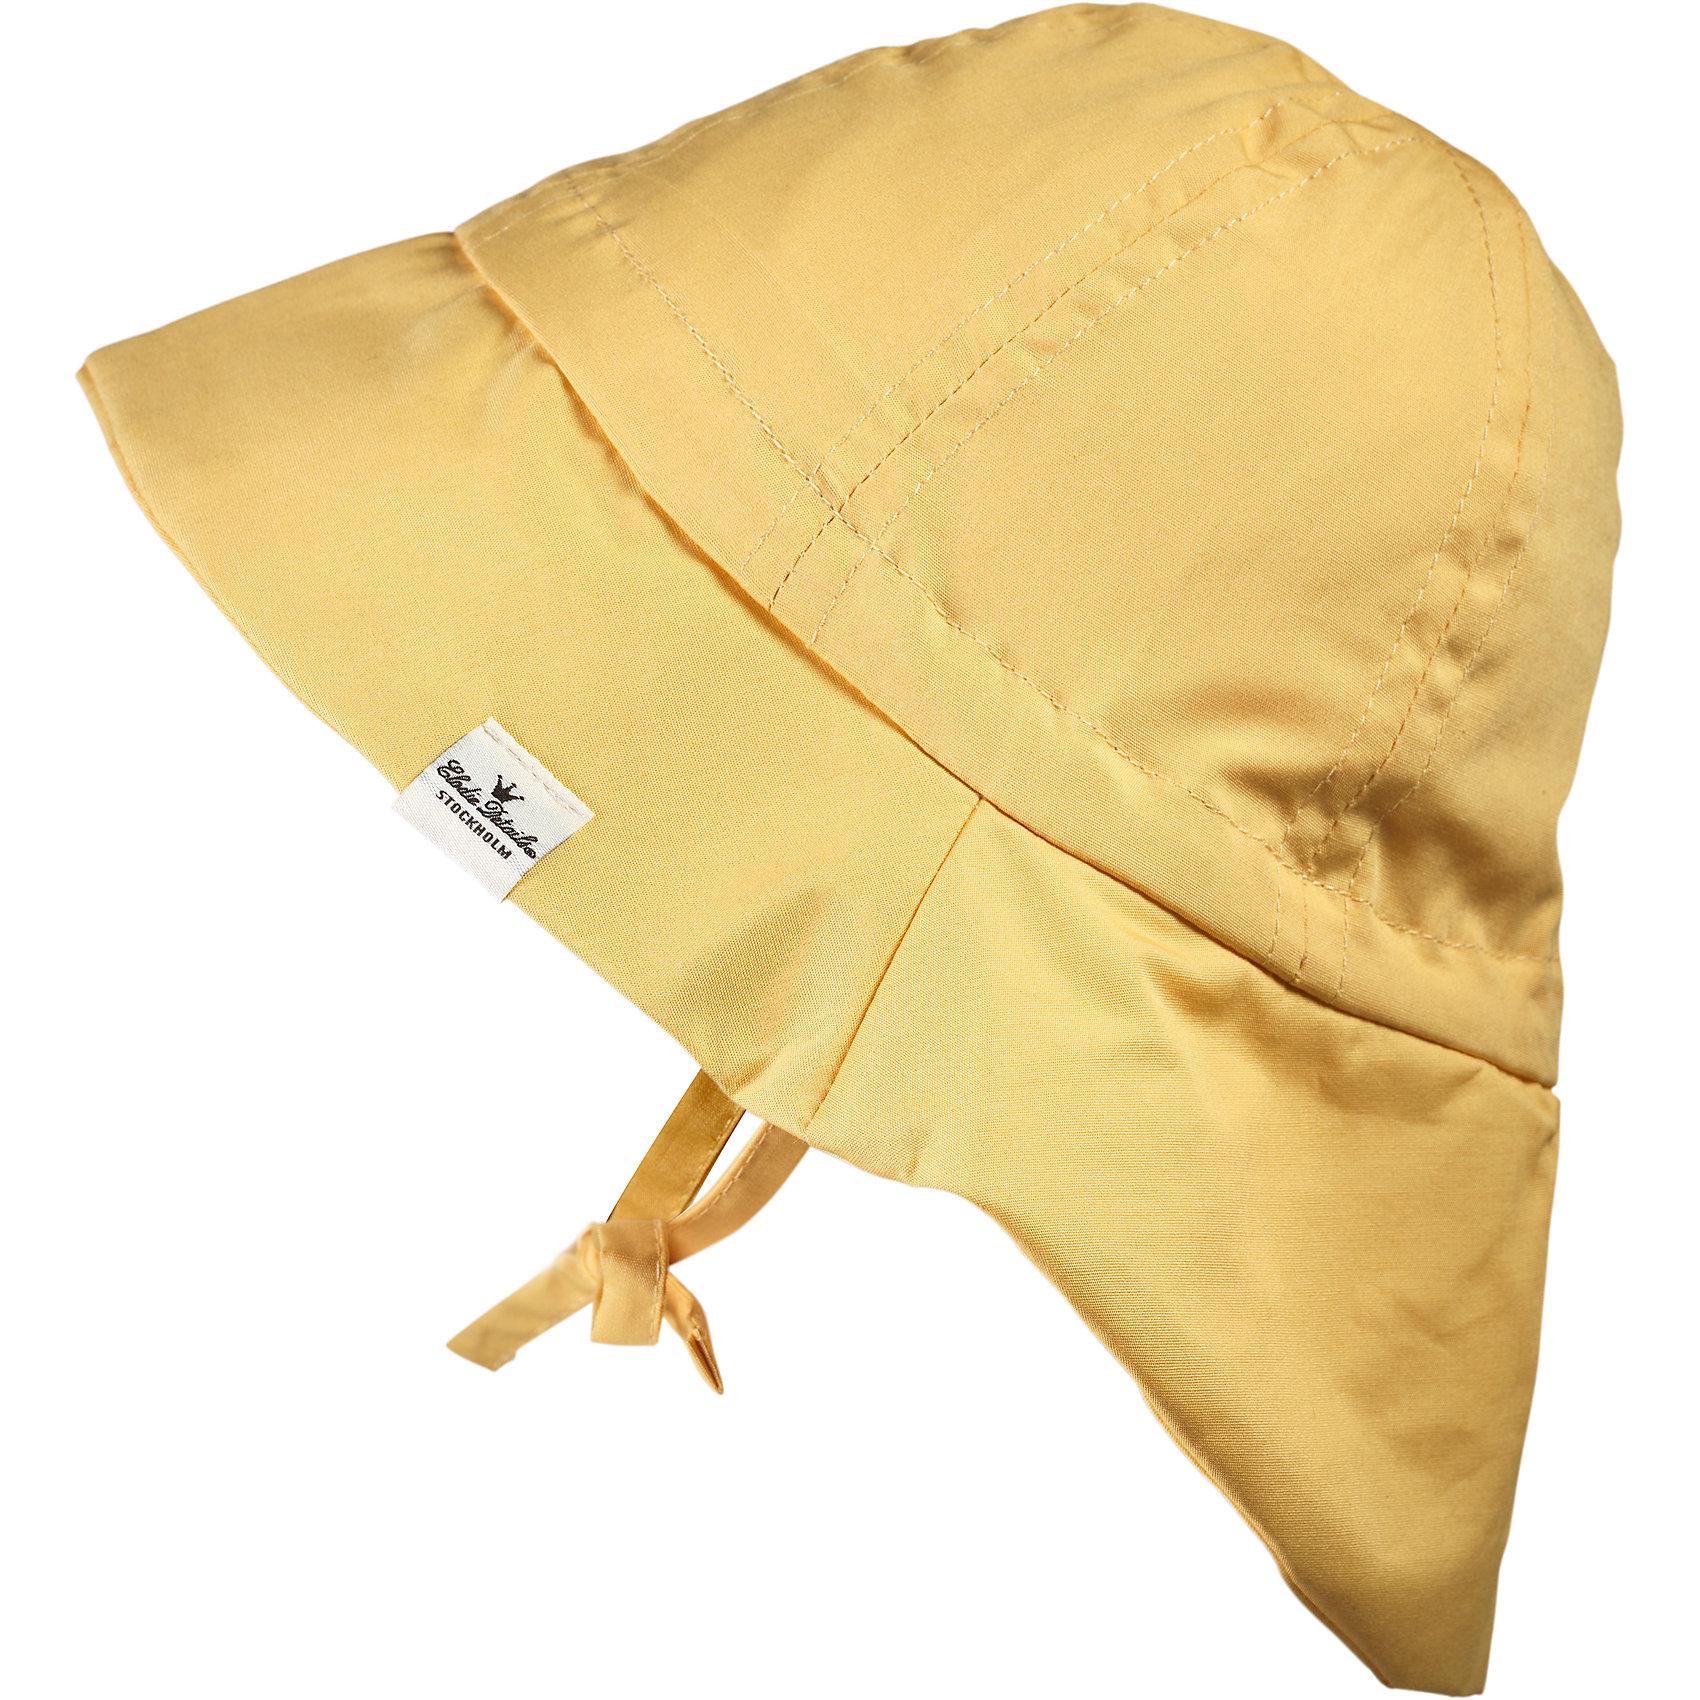 Панама Sweet Honey, 1-2 года, Elodie DetailsШапочки<br>Панама Sweet Honey, 1-2 года, Elodie Details (Элоди Дитейлс)<br><br>Характеристики:<br><br>• удобные завязки<br>• надежная защита головы<br>• приятна коже<br>• подходит для детей от года до 2-х лет<br>• размер: 48 см<br>• материал: хлопок<br>• размер упаковки: 17,5х5х19 см<br><br>Панама Sweet Honey предназначена для малышей с года до двух лет. Она надёжно защитит голову ребёнка и предотвратит перегрев головы в жаркий летний день. Панамка изготовлена из натурального хлопка, окрашенного в нежный жёлтый цвет. Фиксируется при помощи надёжных завязок. В такой стильной панаме гулять ещё приятнее!<br><br>Панаму Sweet Honey, 1-2 года, Elodie Details (Элоди Дитейлс)вы можете купить в нашем интернет-магазине.<br><br>Ширина мм: 190<br>Глубина мм: 50<br>Высота мм: 175<br>Вес г: 420<br>Возраст от месяцев: 12<br>Возраст до месяцев: 24<br>Пол: Унисекс<br>Возраст: Детский<br>SKU: 5613560